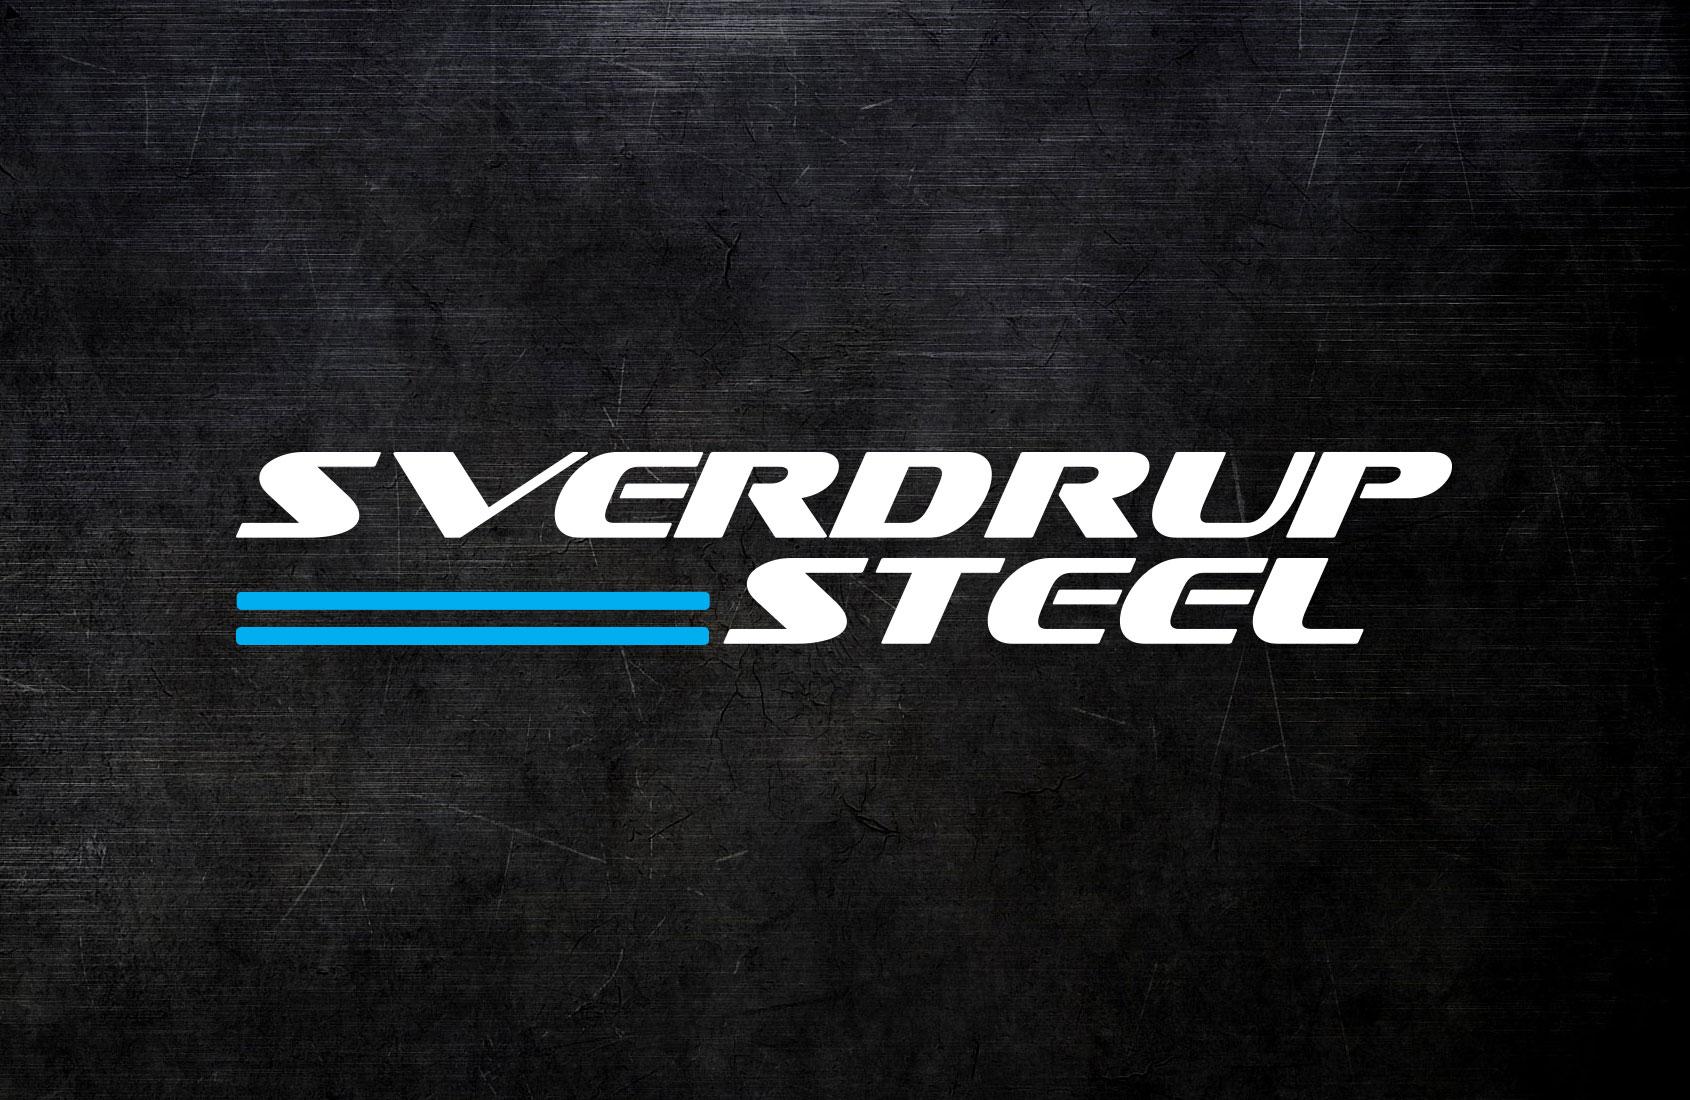 Sverdrup Steel Norway